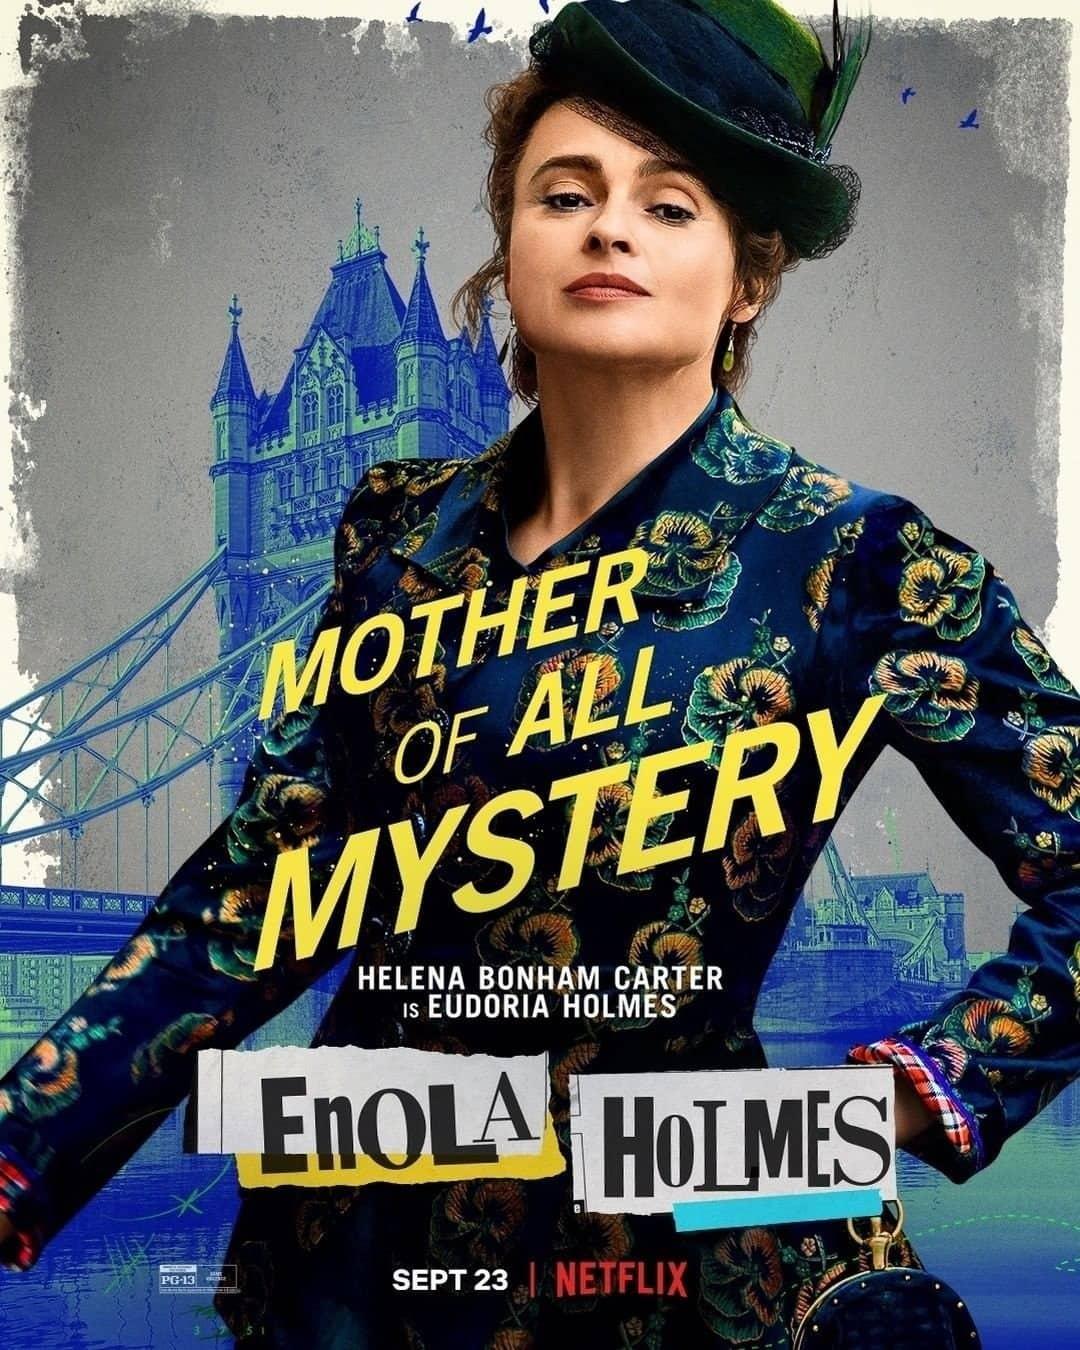 Helena Bonham Carter Enola Holmes Character Poster